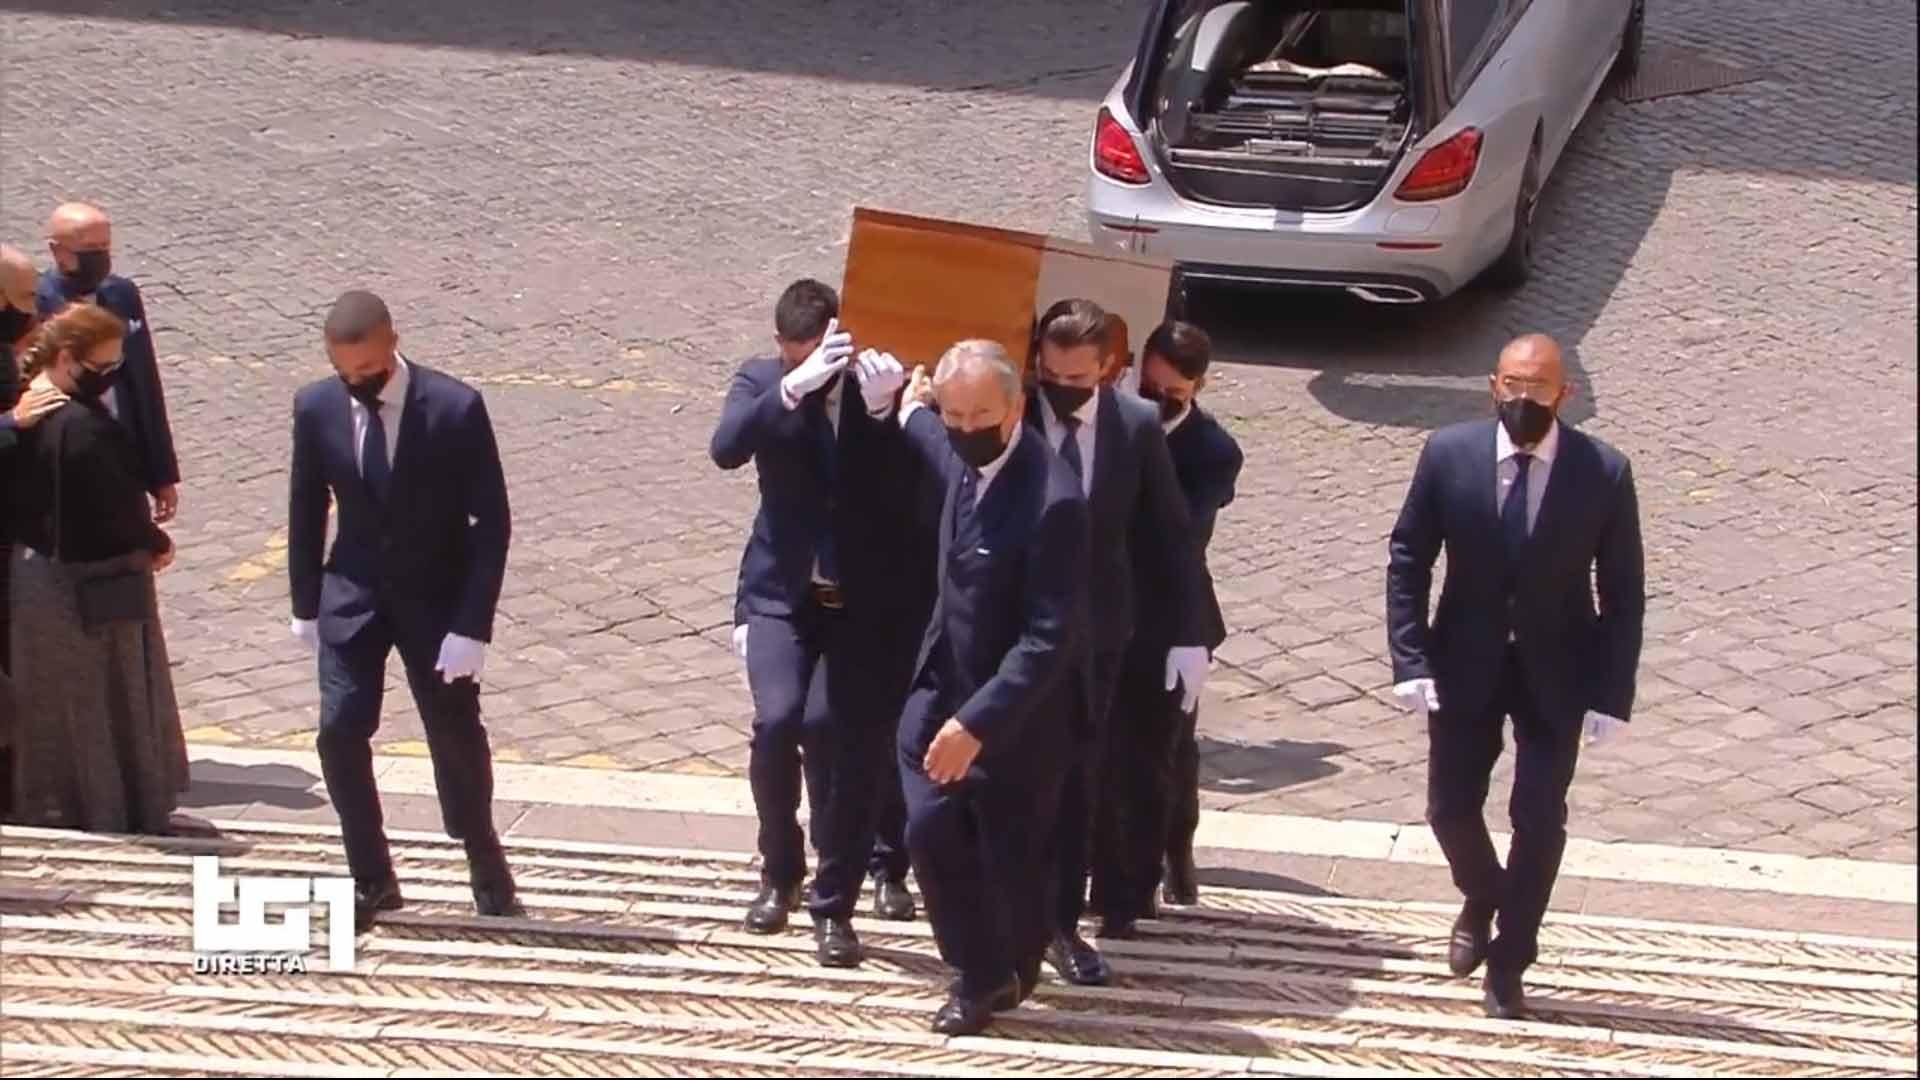 Raffaella Carrà funerali Rai 1